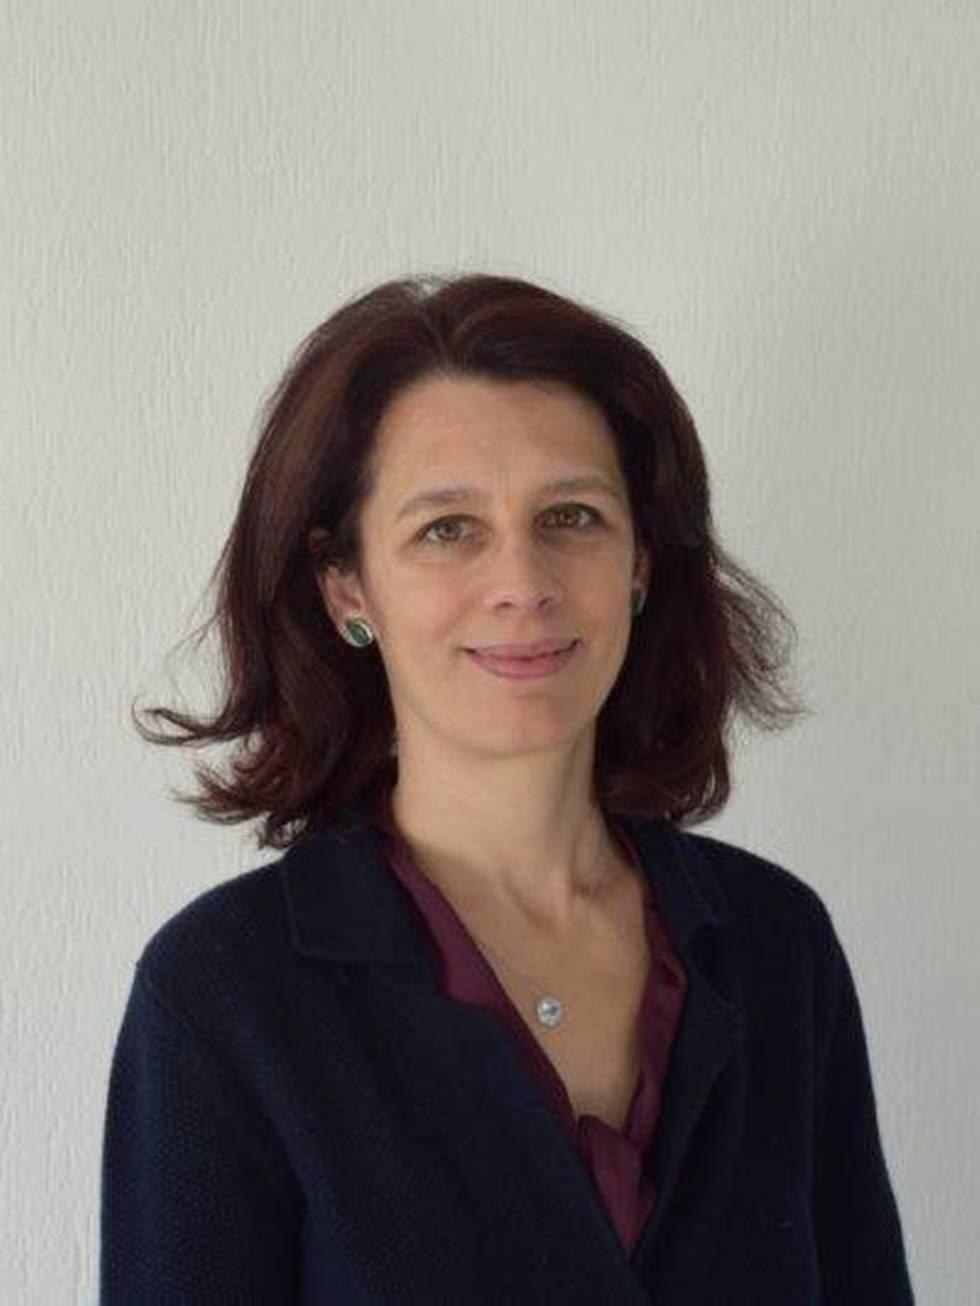 Sabina Zanini Chiaradonna